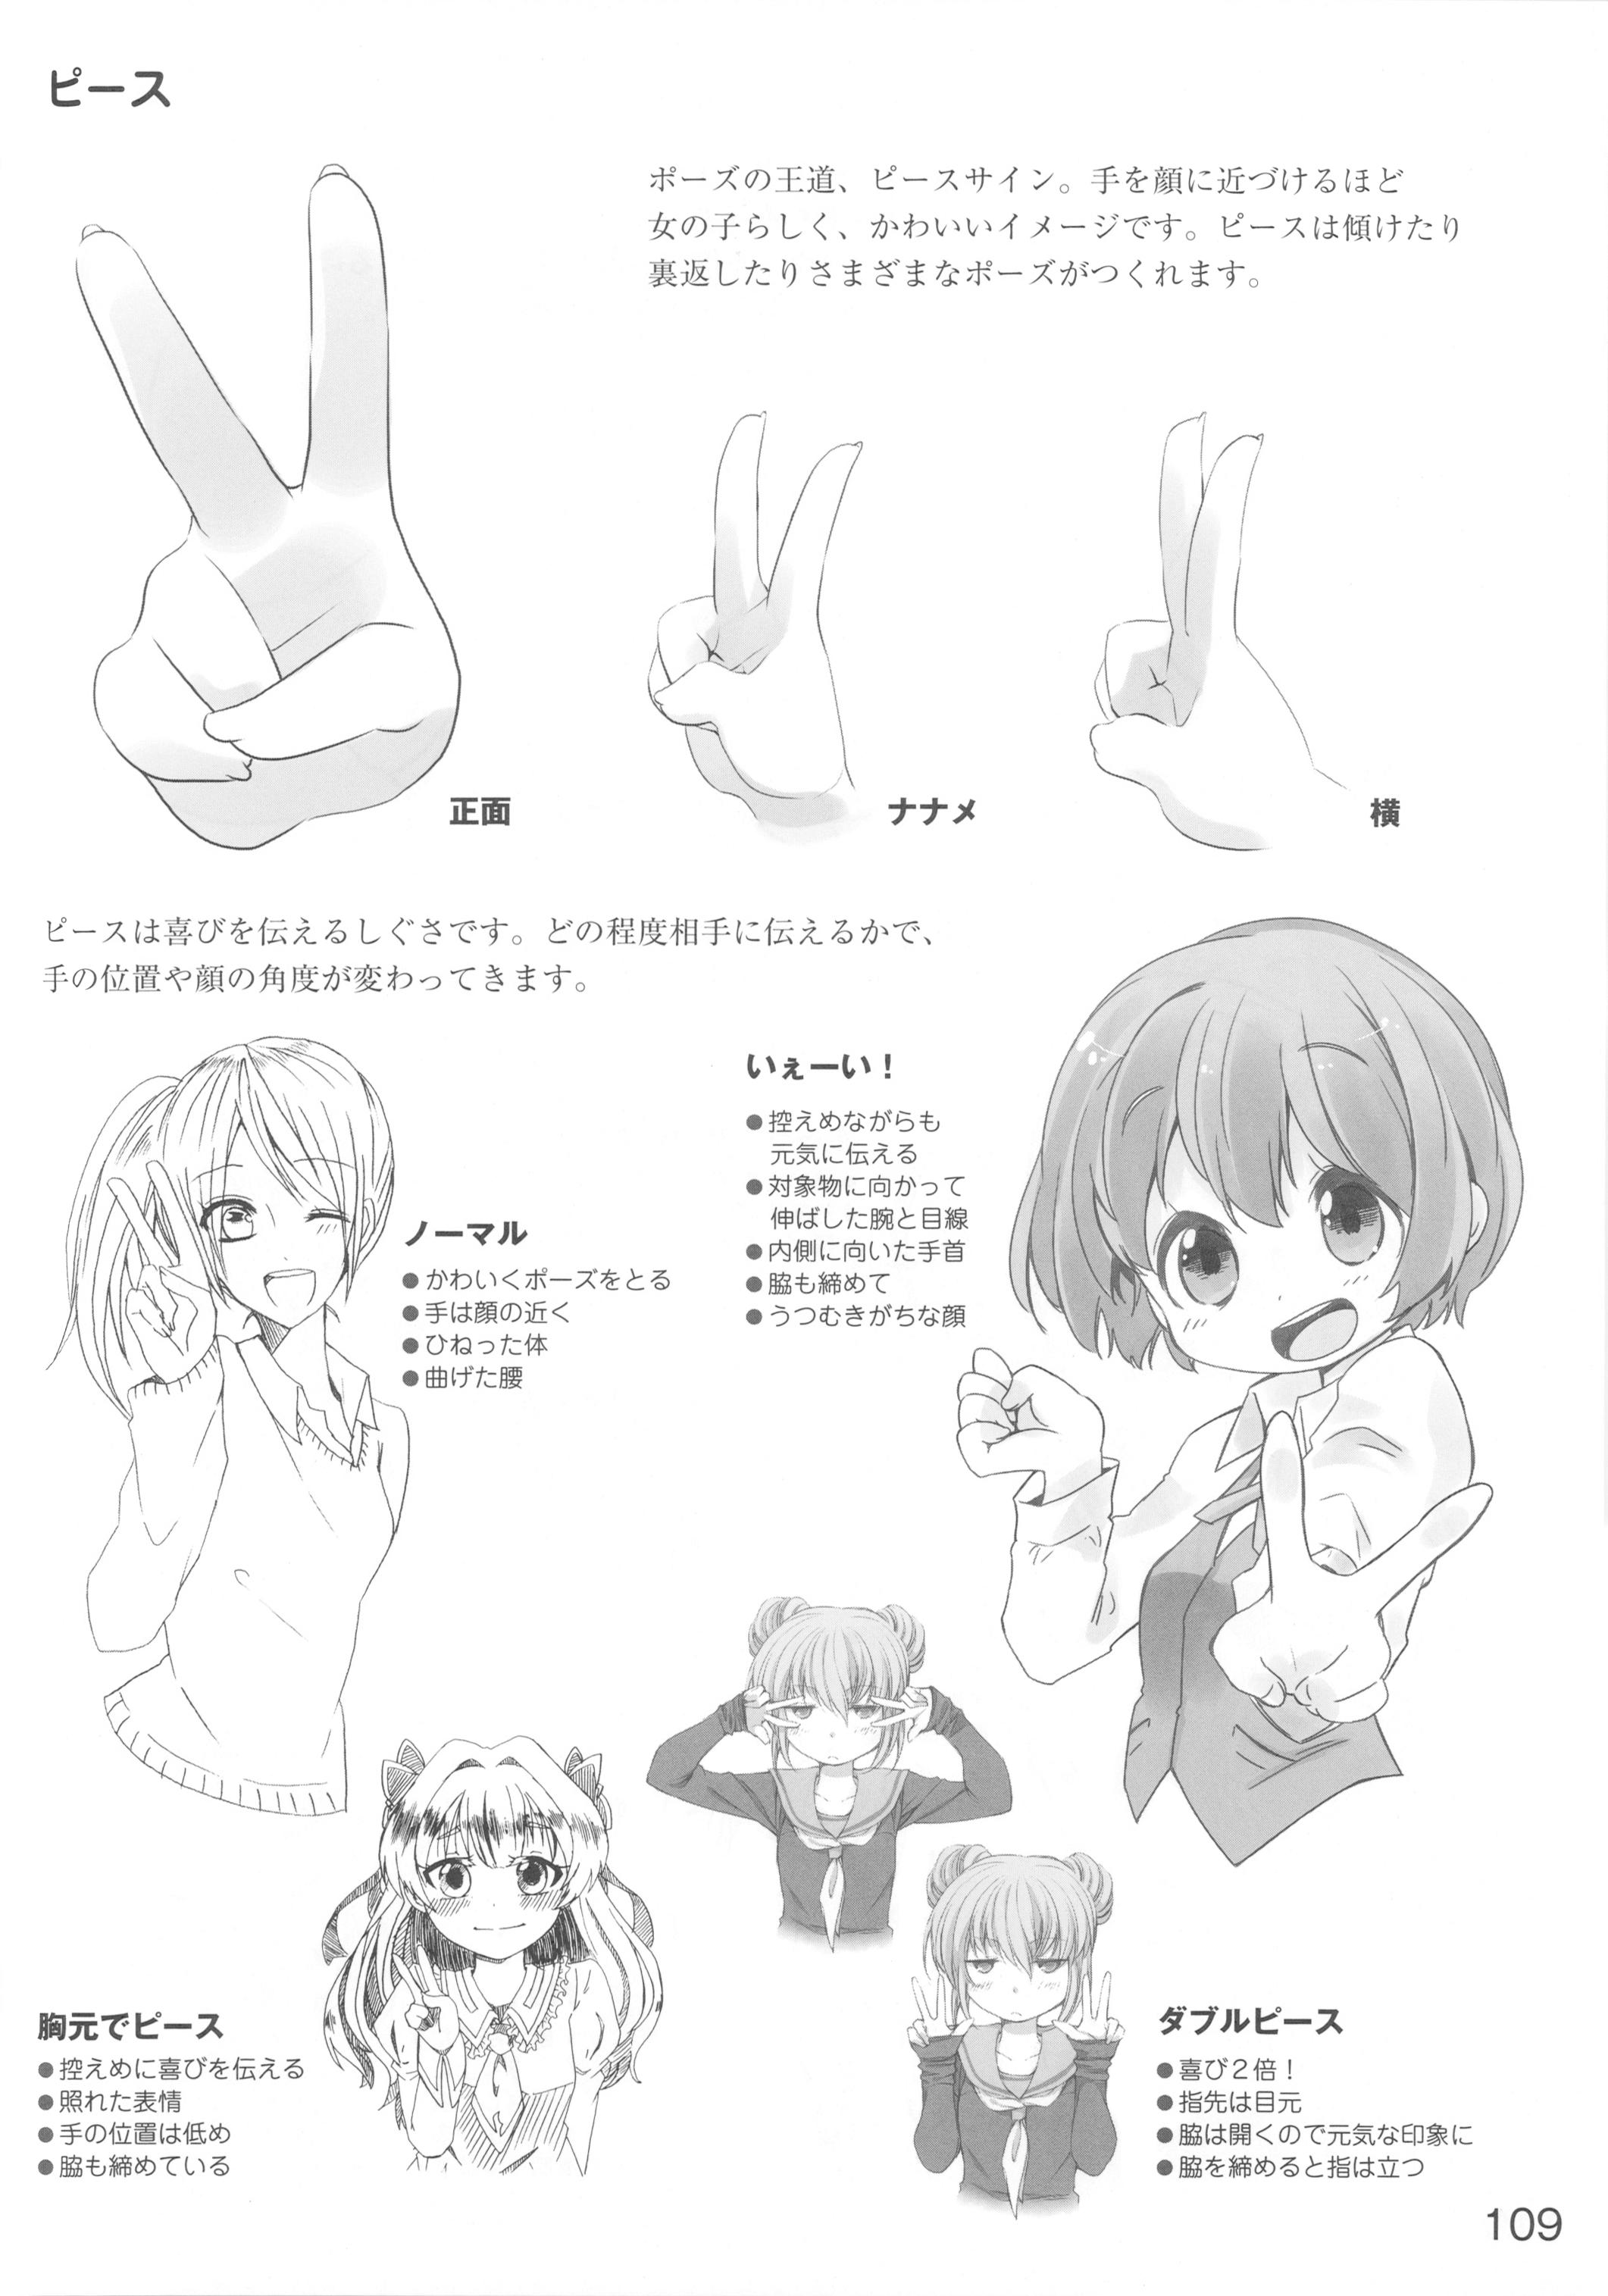 線画ポイント에 있는 Yoshimoto Hideyuki님의 핀 手のスケッチ